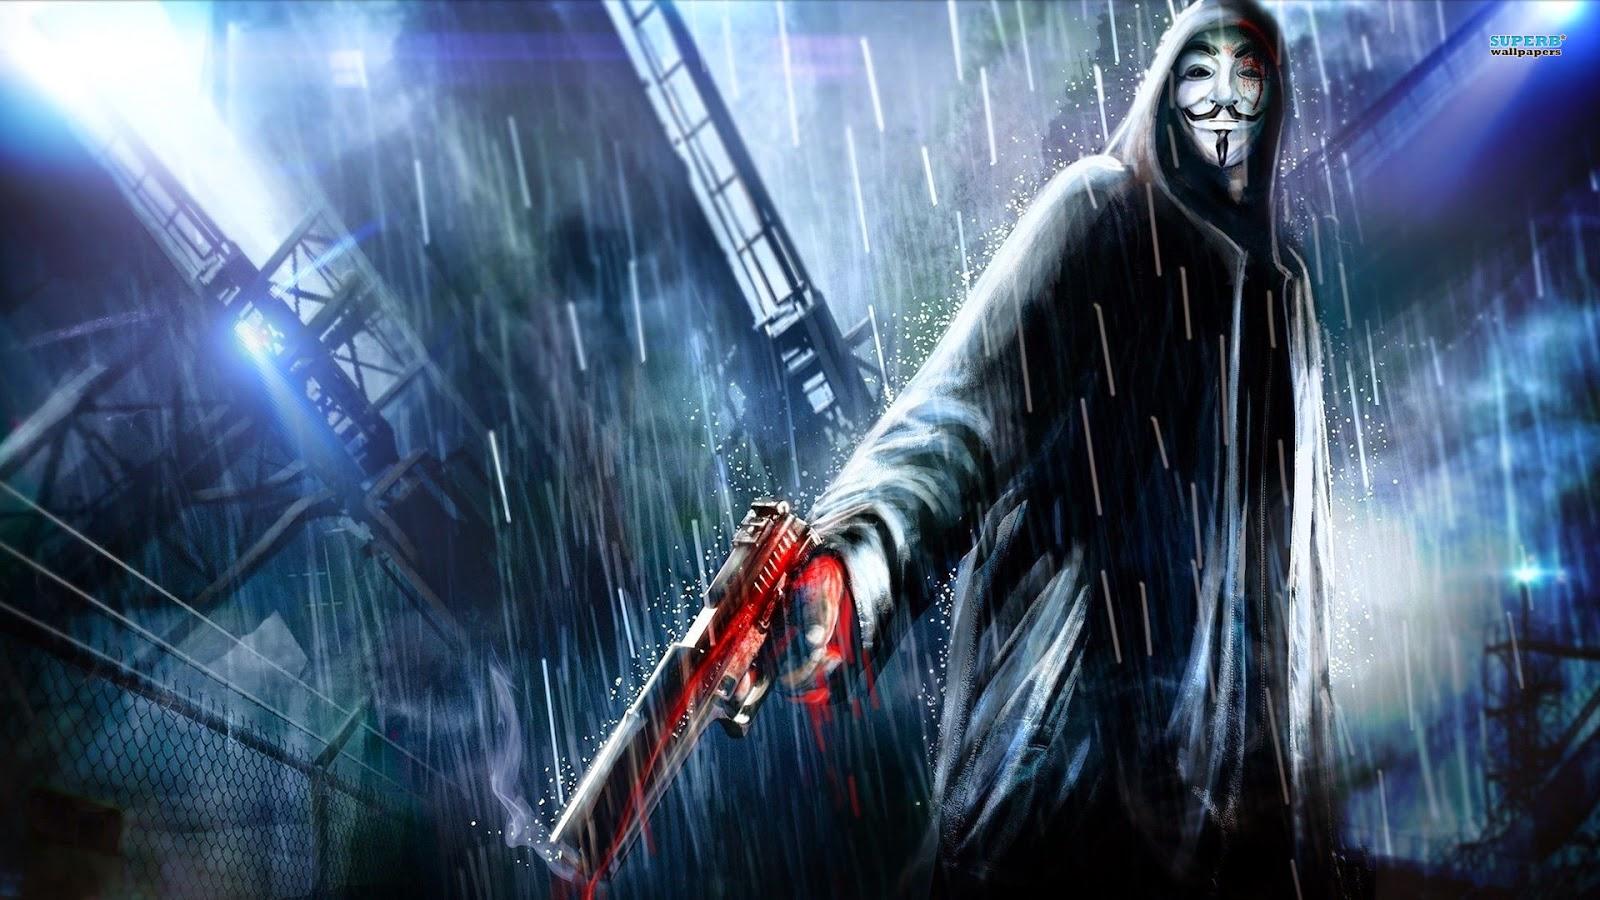 Câu danh ngôn quen thuộc của nhóm hacker Anonymous chắc hẳn ai tìm hiểu về nhóm này đều thuộc làu.